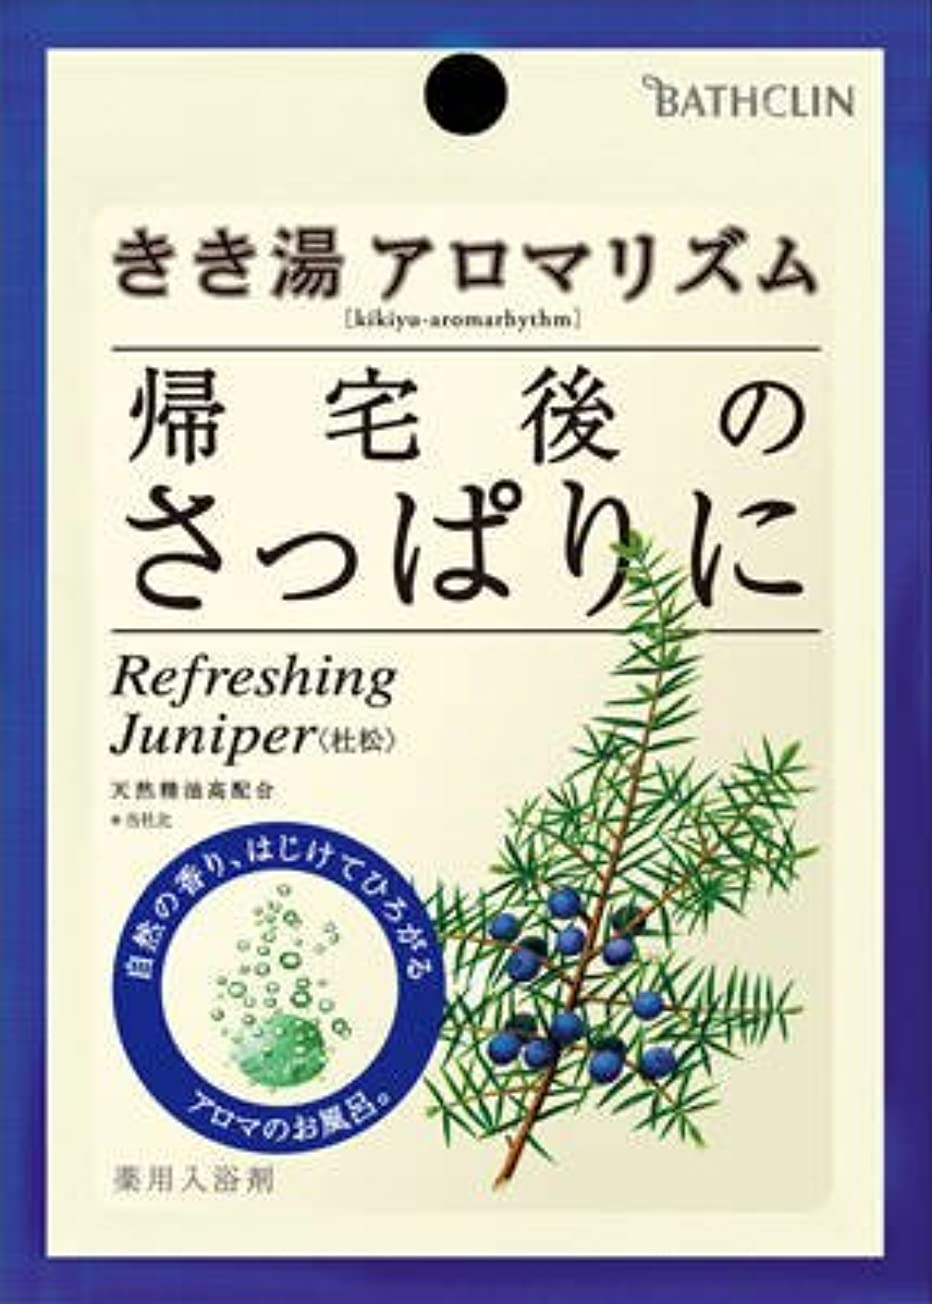 レイアほのめかす水を飲むバスクリン きき湯 アロマリズム リフレッシュジュニパーの香り 30g×120個セット